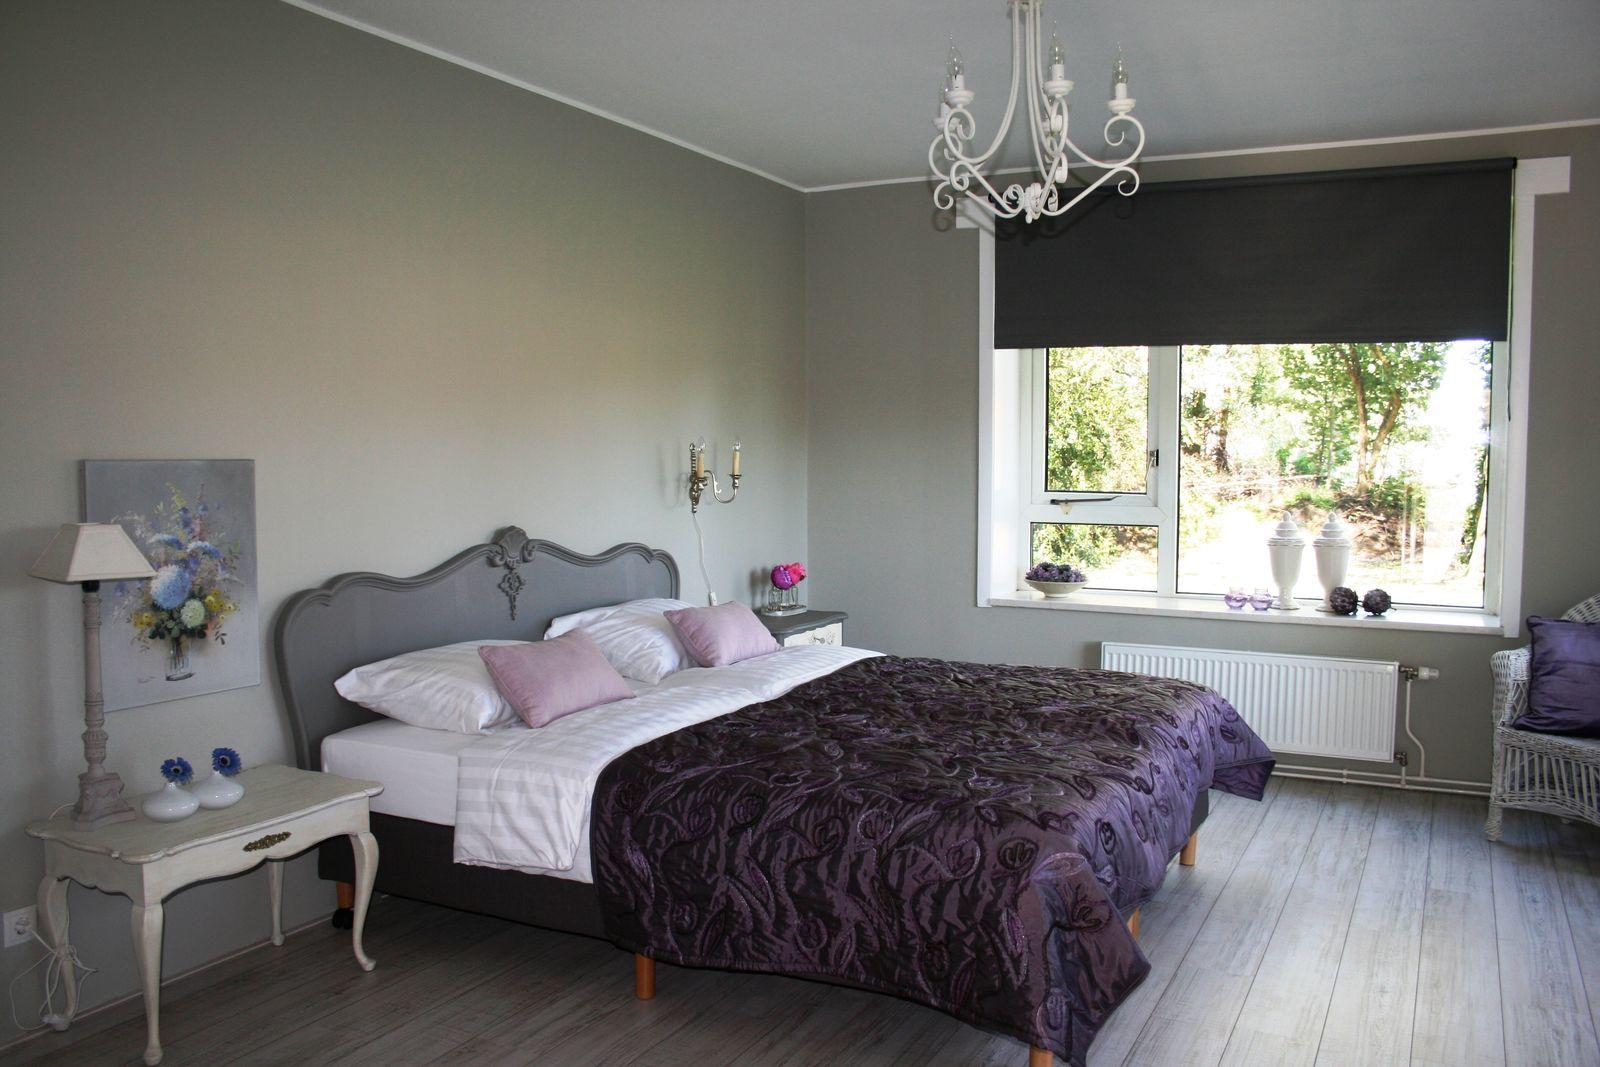 Vakantiehuis Backemoor XL luxe vakantiehuis Duitsland met sauna en jacuzzi